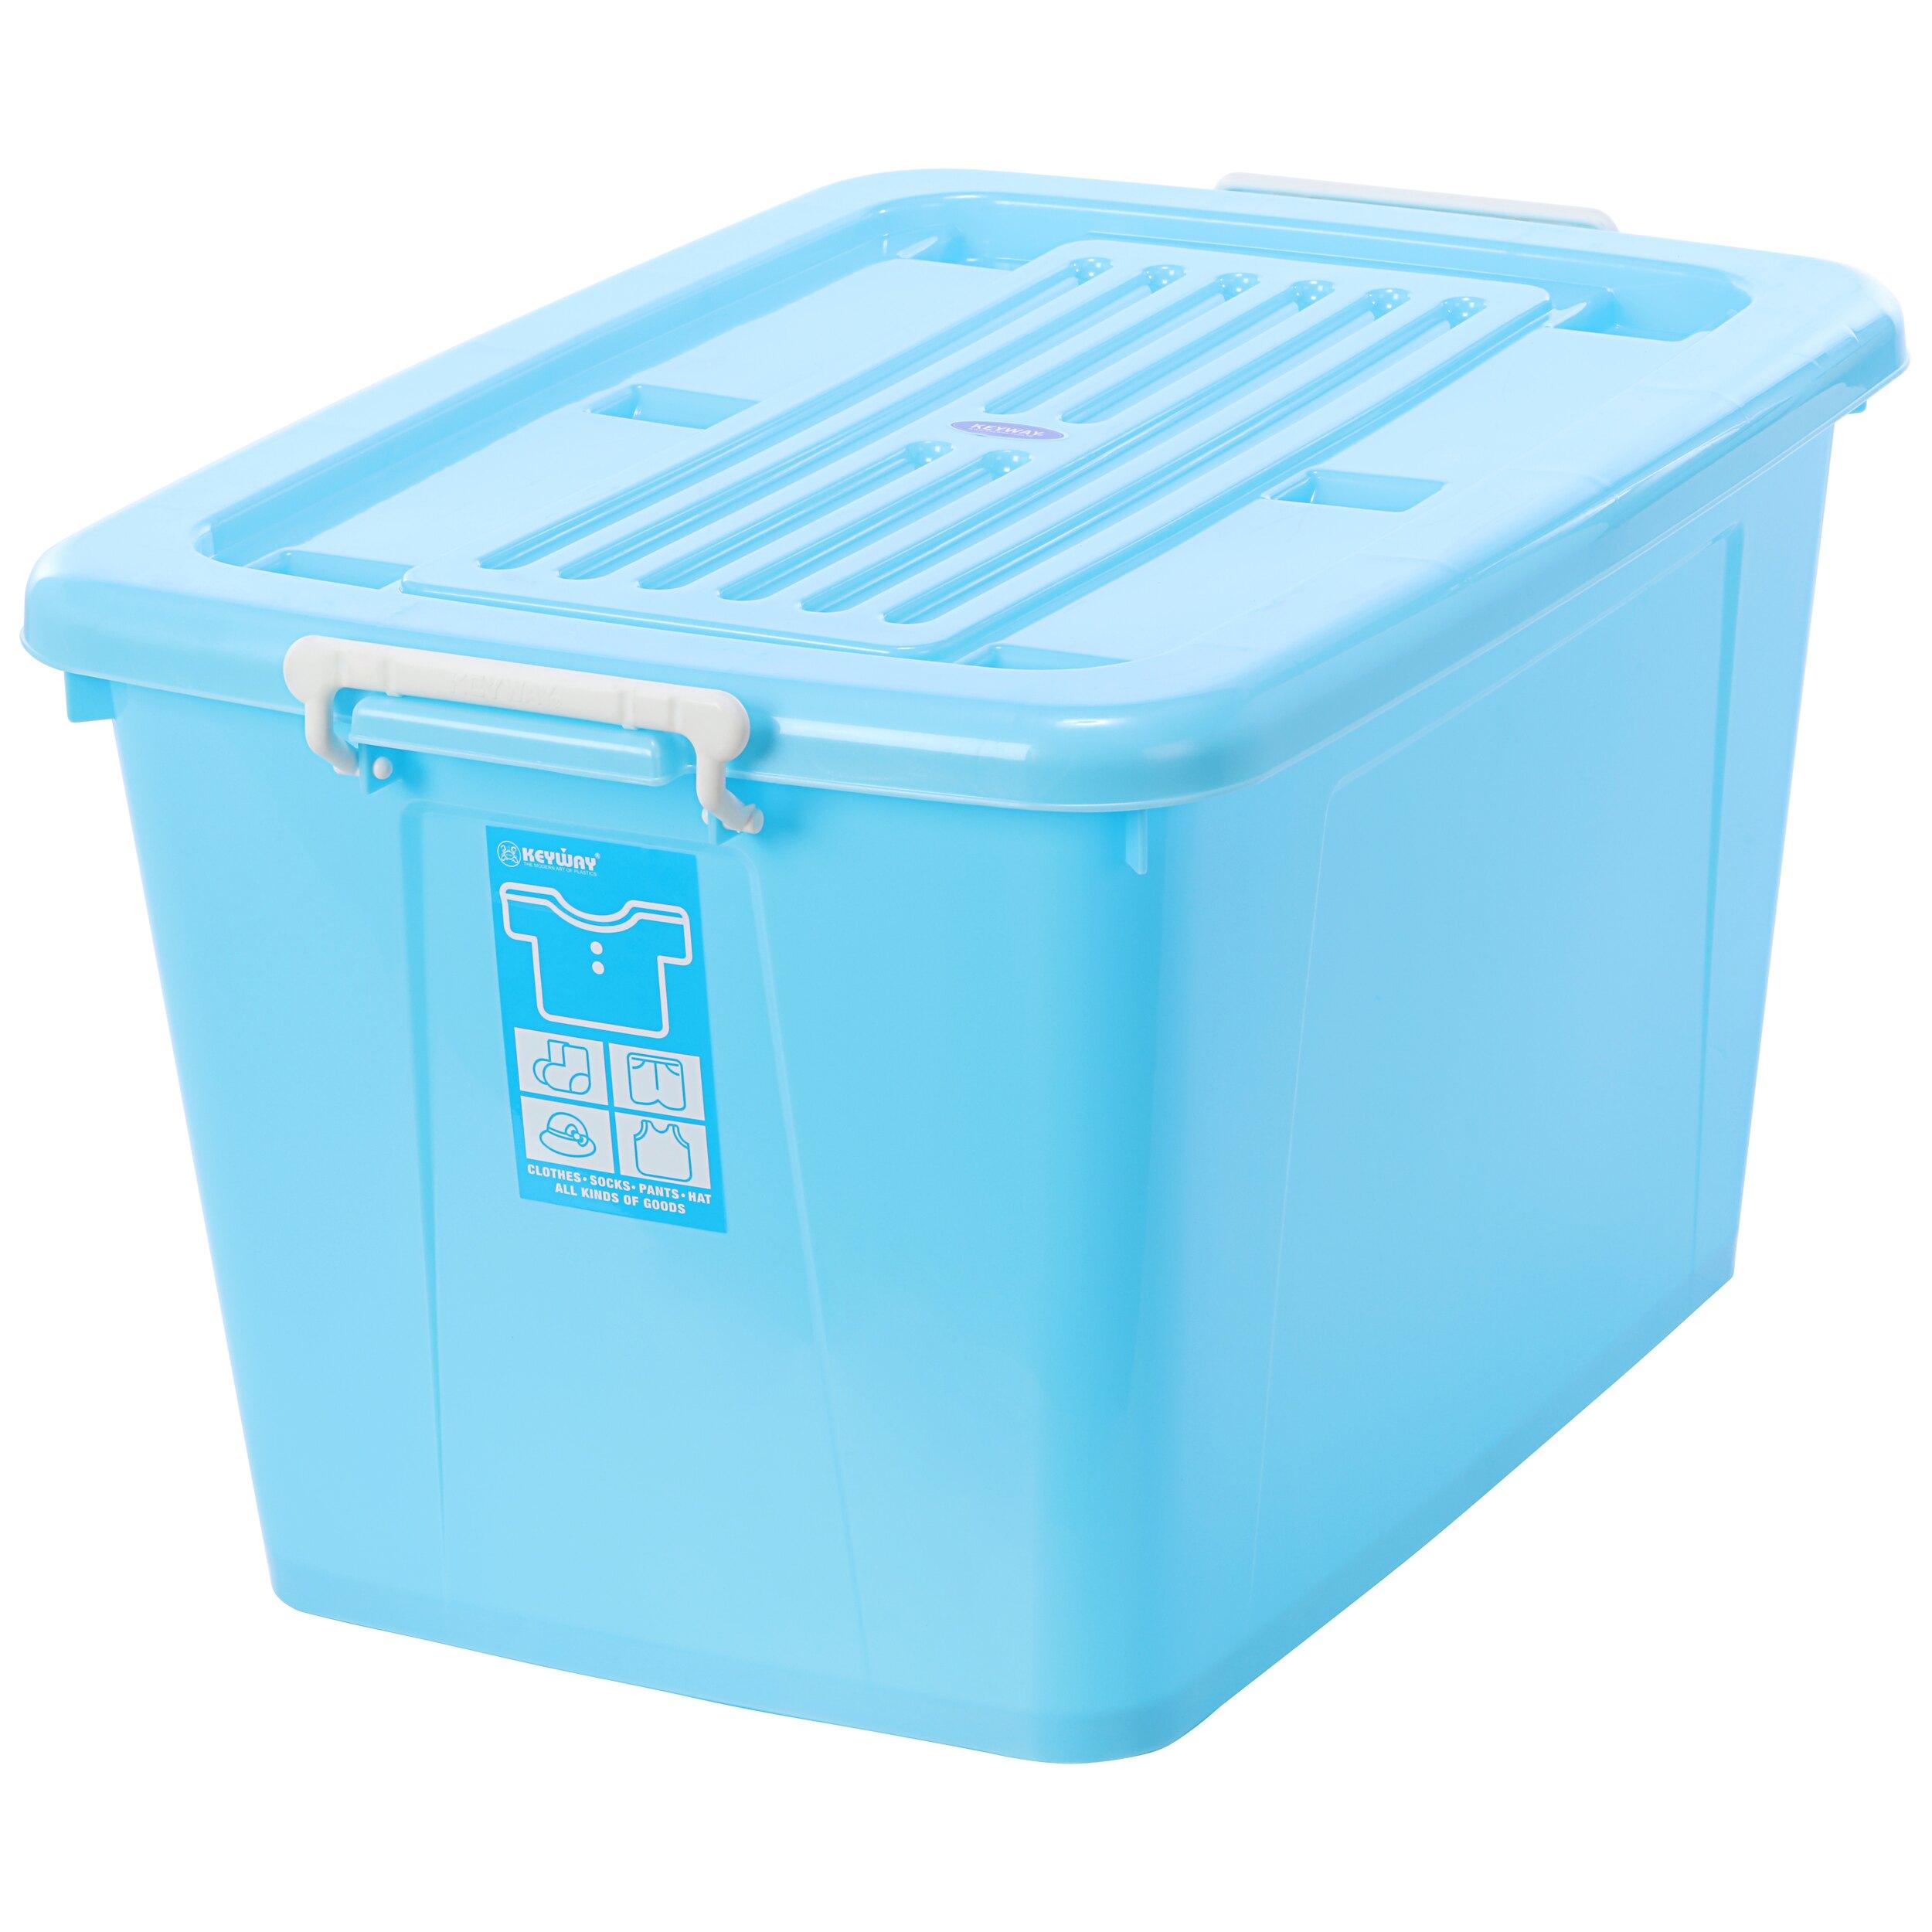 換季/衣物收納/滑輪整理箱/玩色高手/MIT台灣製造 銀采滑輪整理箱【藍】 AK1200 KEYWAY聯府